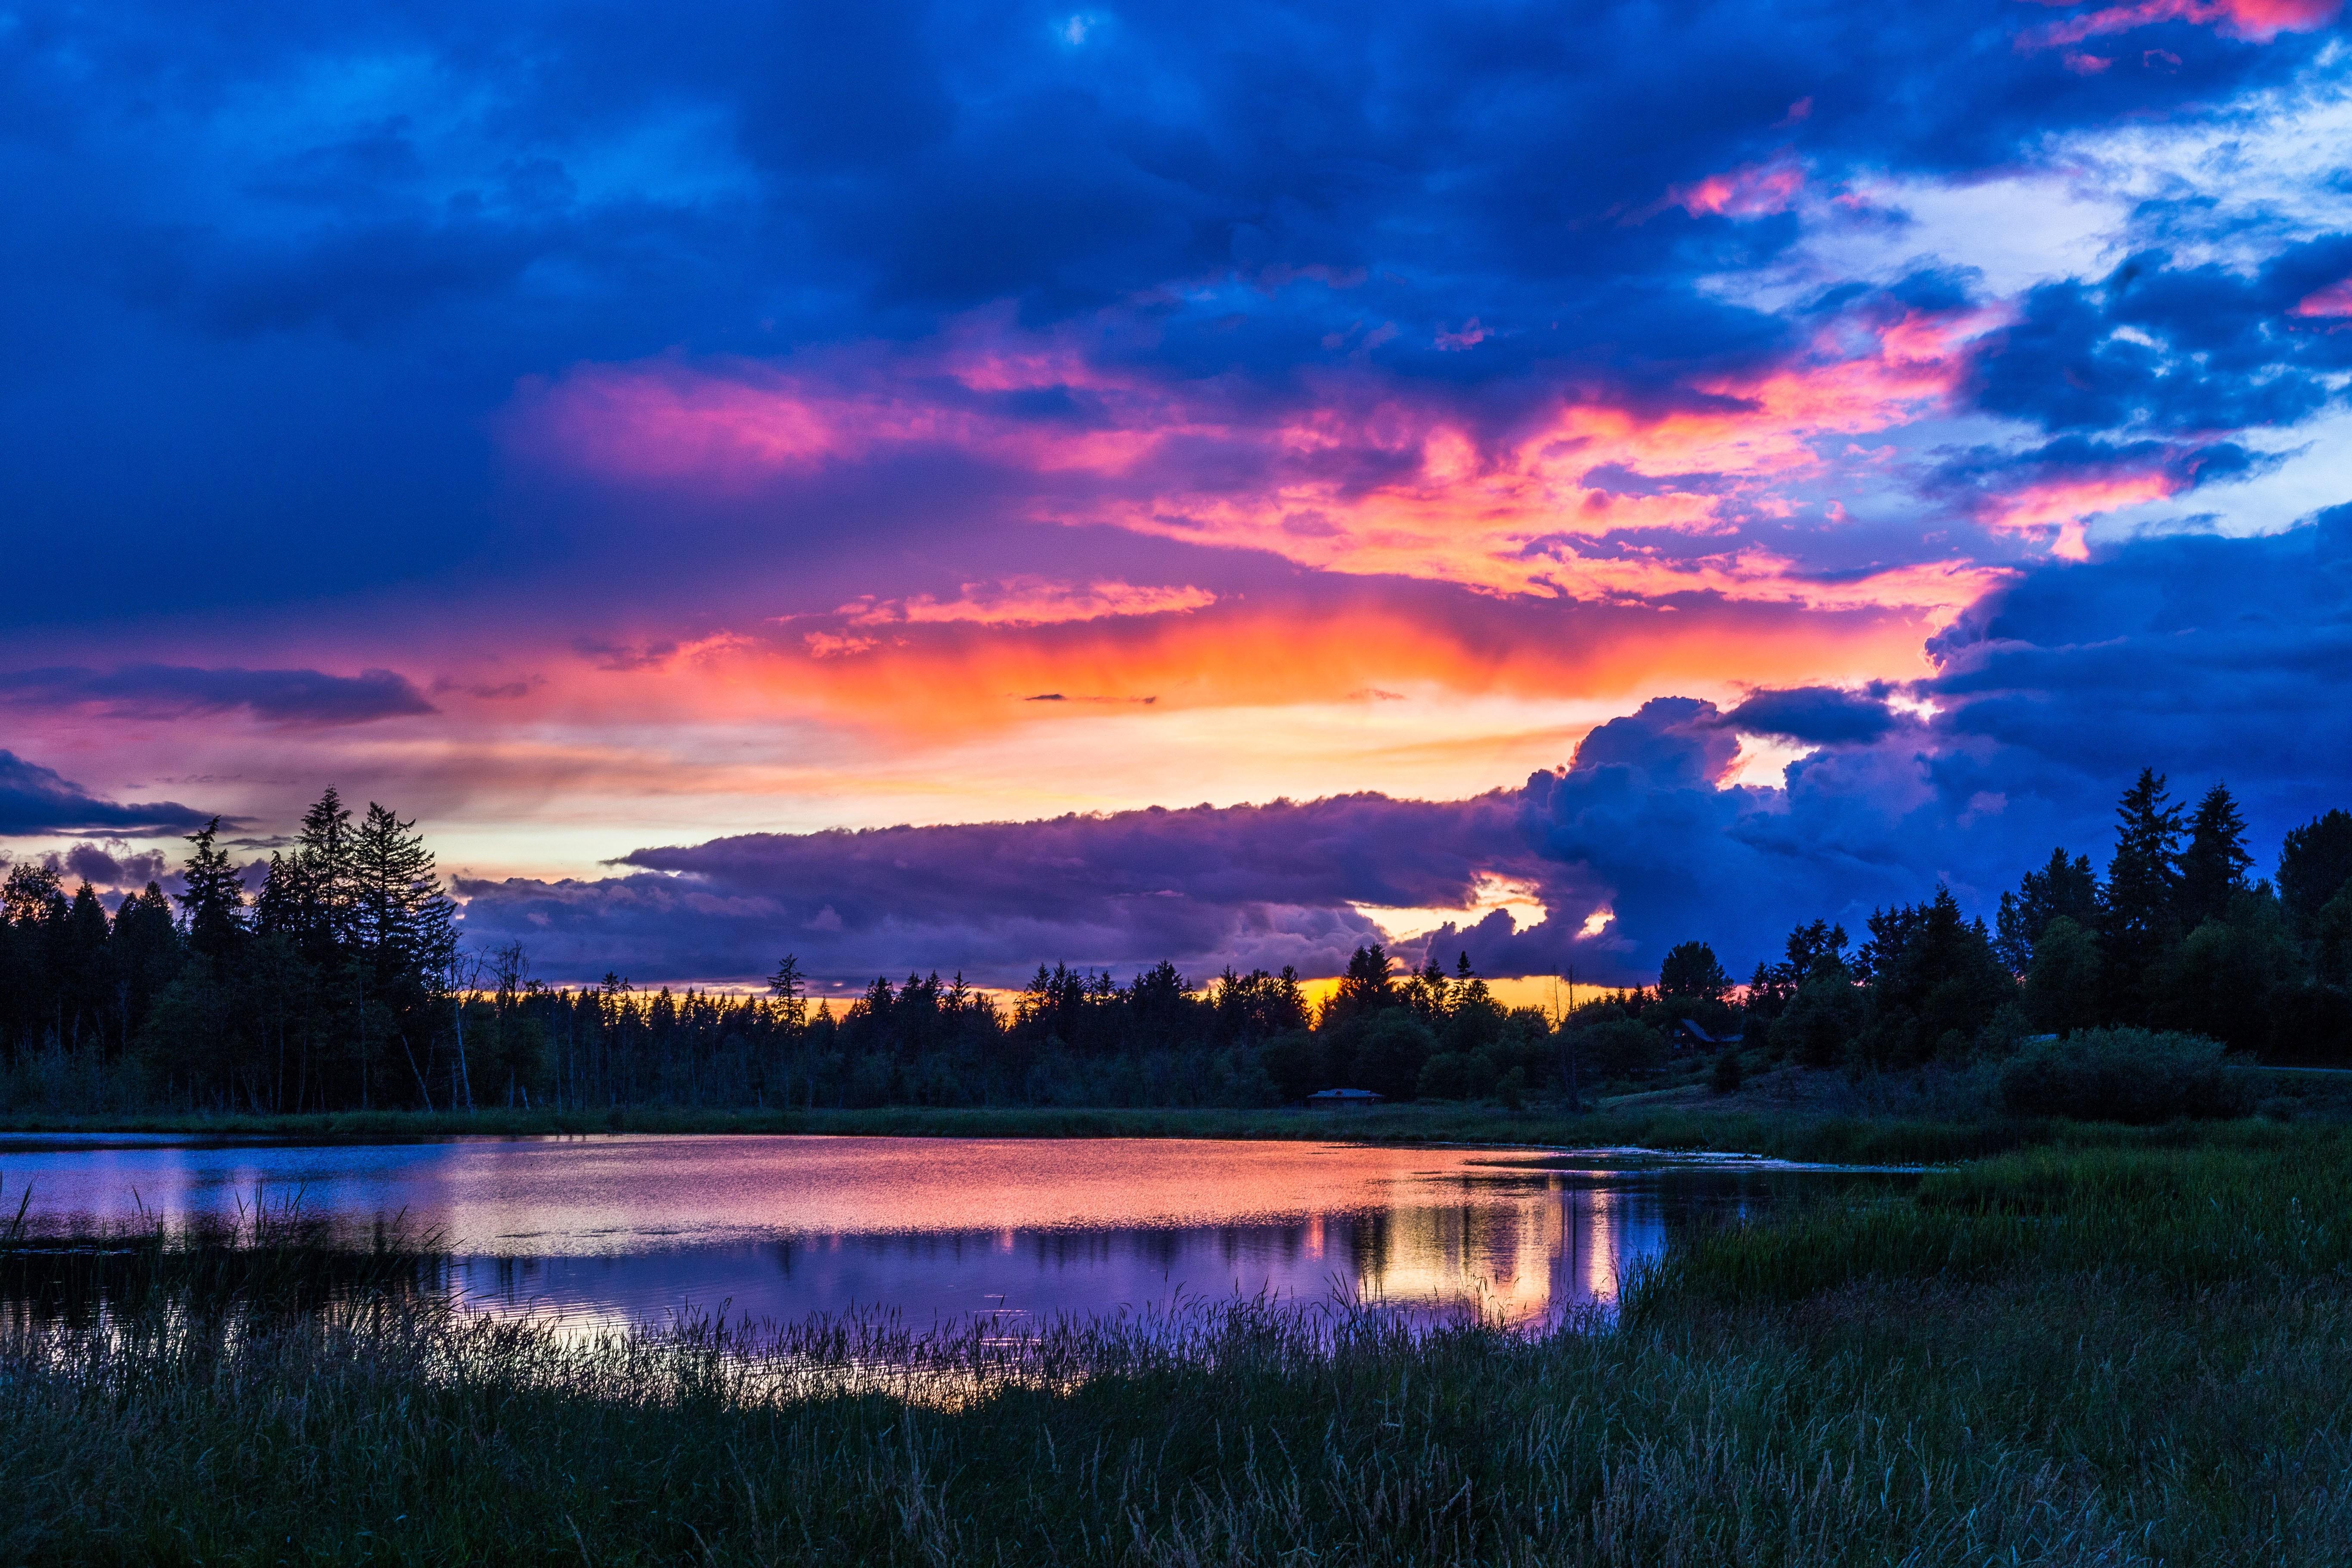 красивые картинки пейзаж закат что